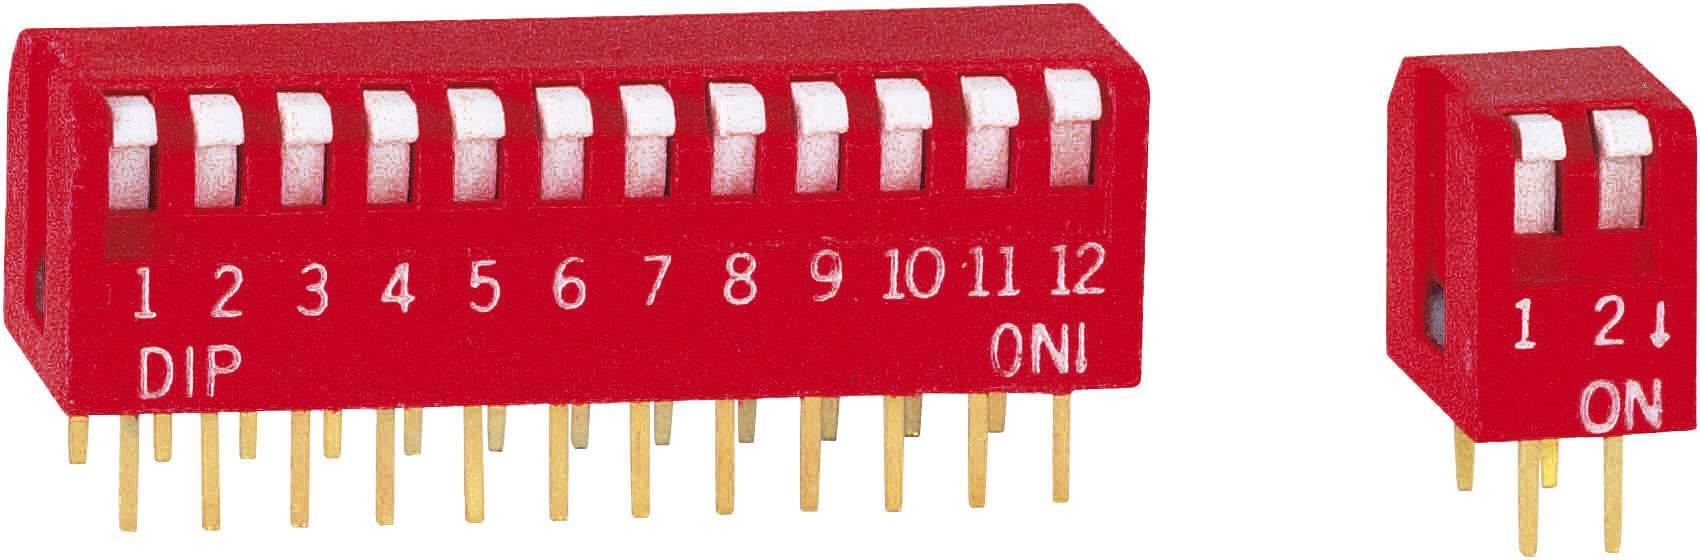 DIP spínač, typ piano, DP-08V, 8pólový, rastr: 2,54 mm